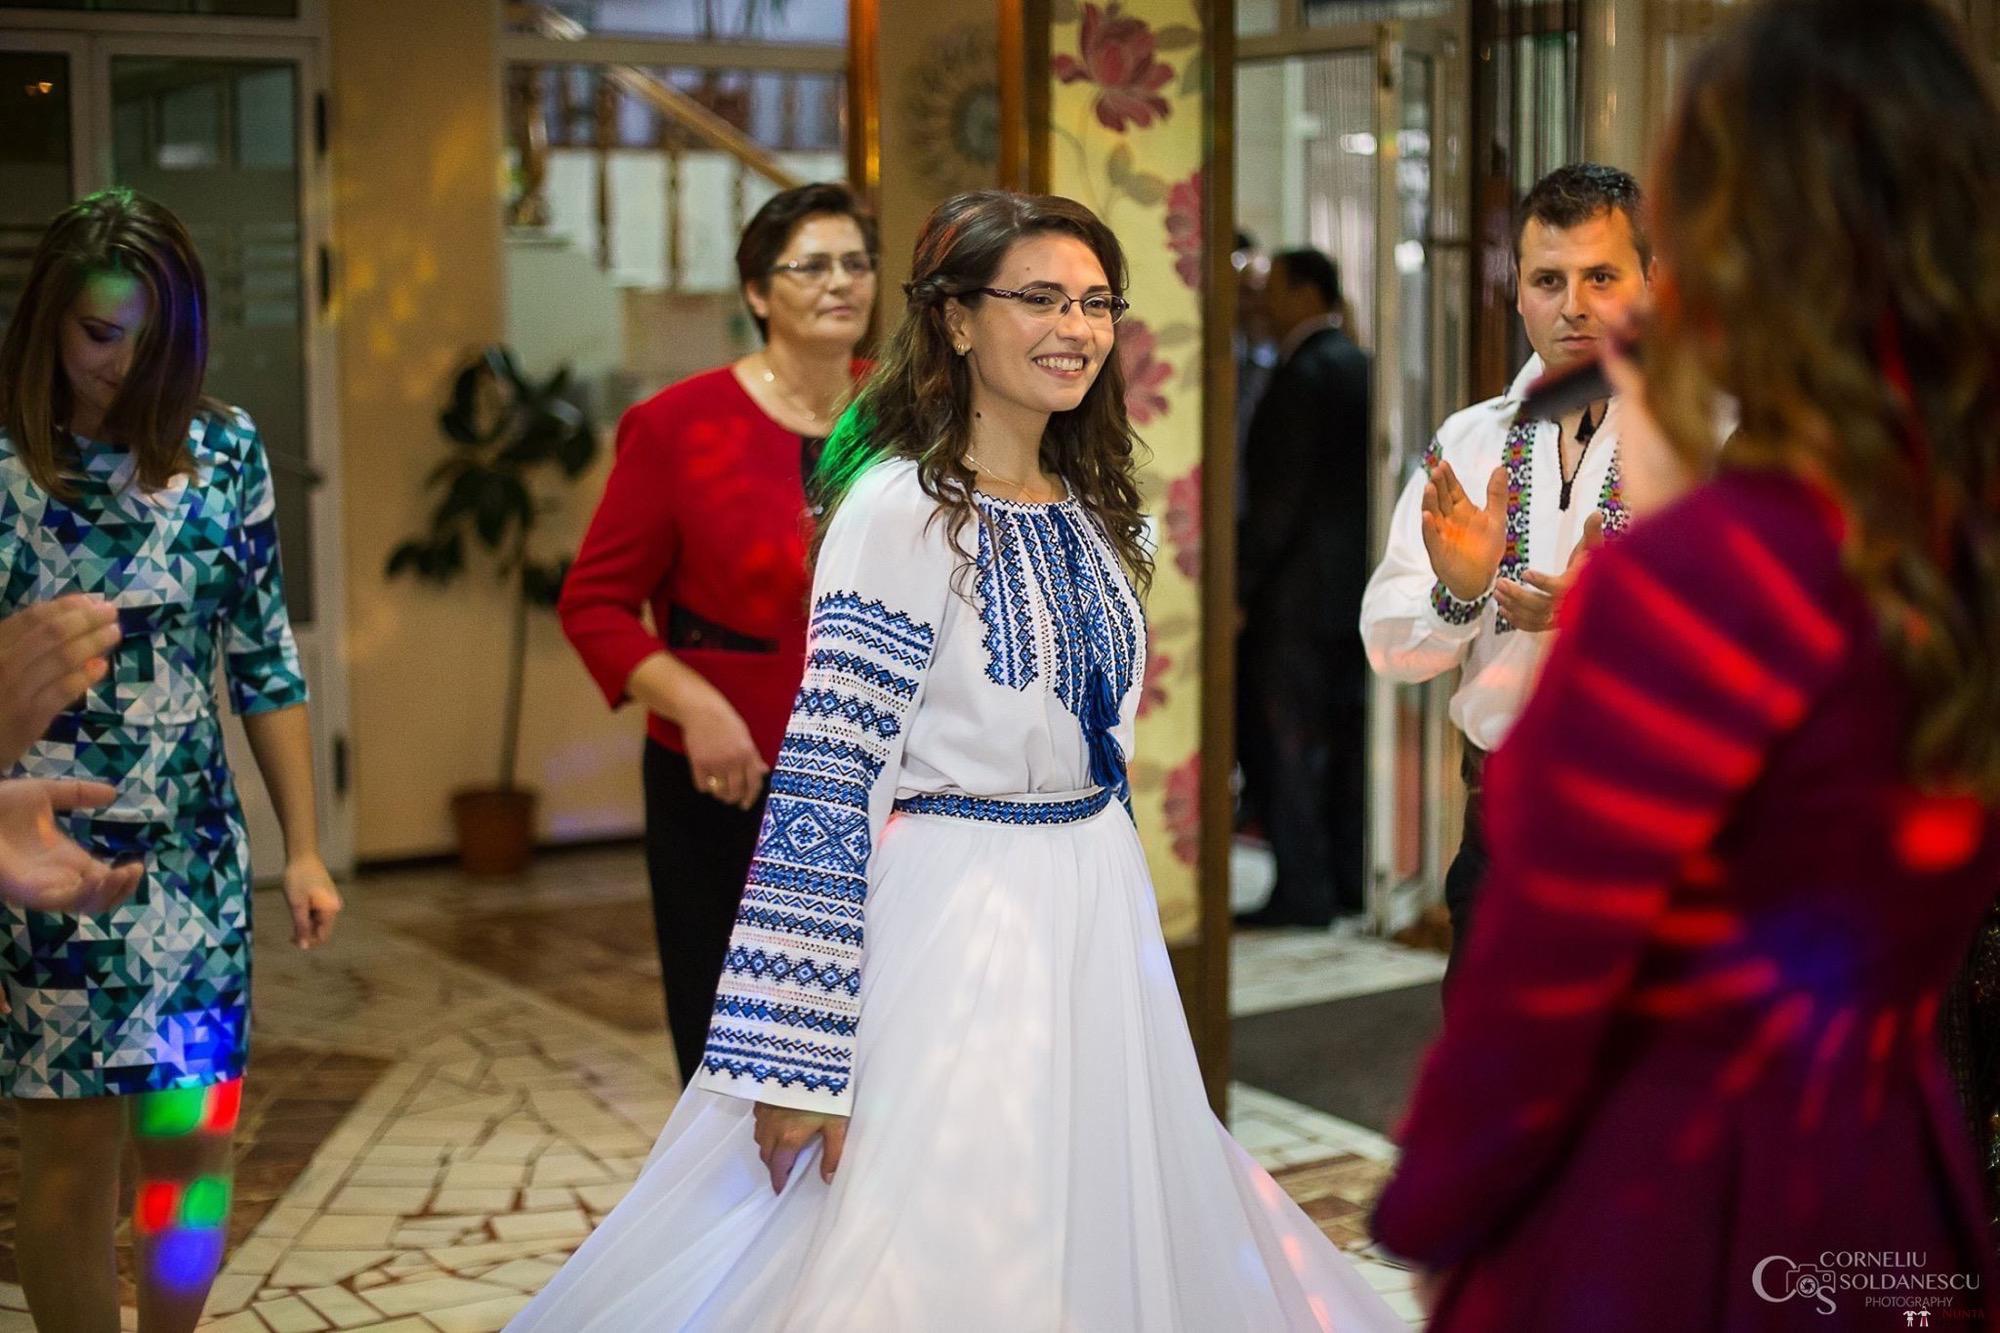 Povești Nunți Tradiționale - Ioana-Alexandra și Bogdan-Vasile. Nuntă tradițională în Fălticeni 33